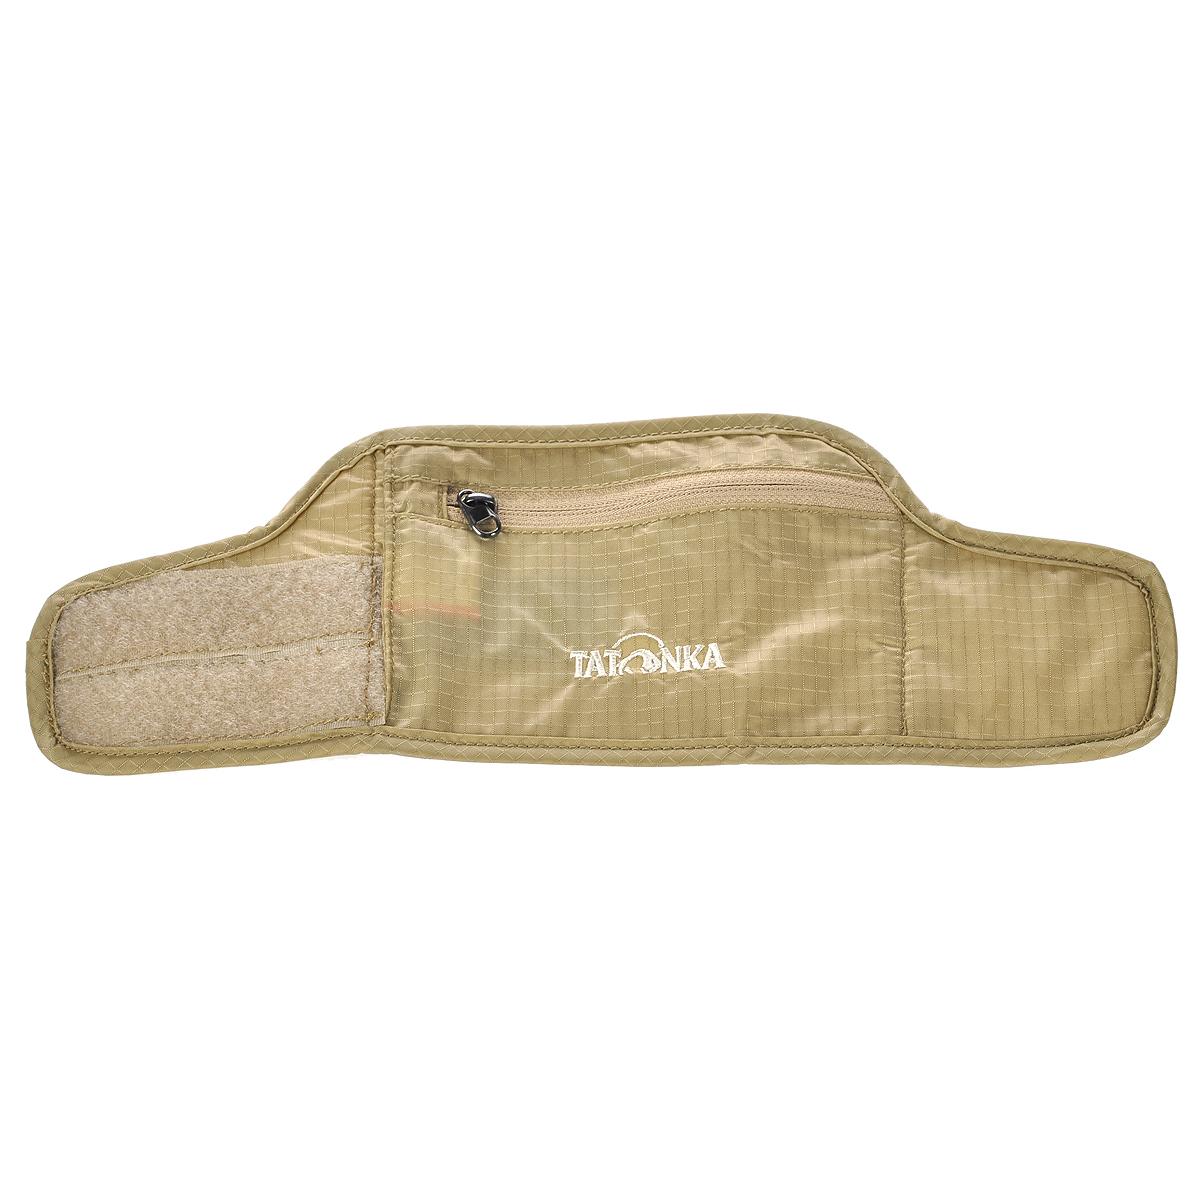 Кошелек на запястье Tatonka Skin Wrist Wallet, потайной, цвет: бежевый4147940Потайной кошелек на запястье Skin Wrist Wallet легко накладывается на руку посредством липучки и приятен для кожи. Кошелек имеет одно отделение на застежке-молнии. С обратной стороны он дополнен специальной комфортной подкладкой из мягкого материала, которая не раздражает кожу. Материал: 210T Nylon Rip Stop.